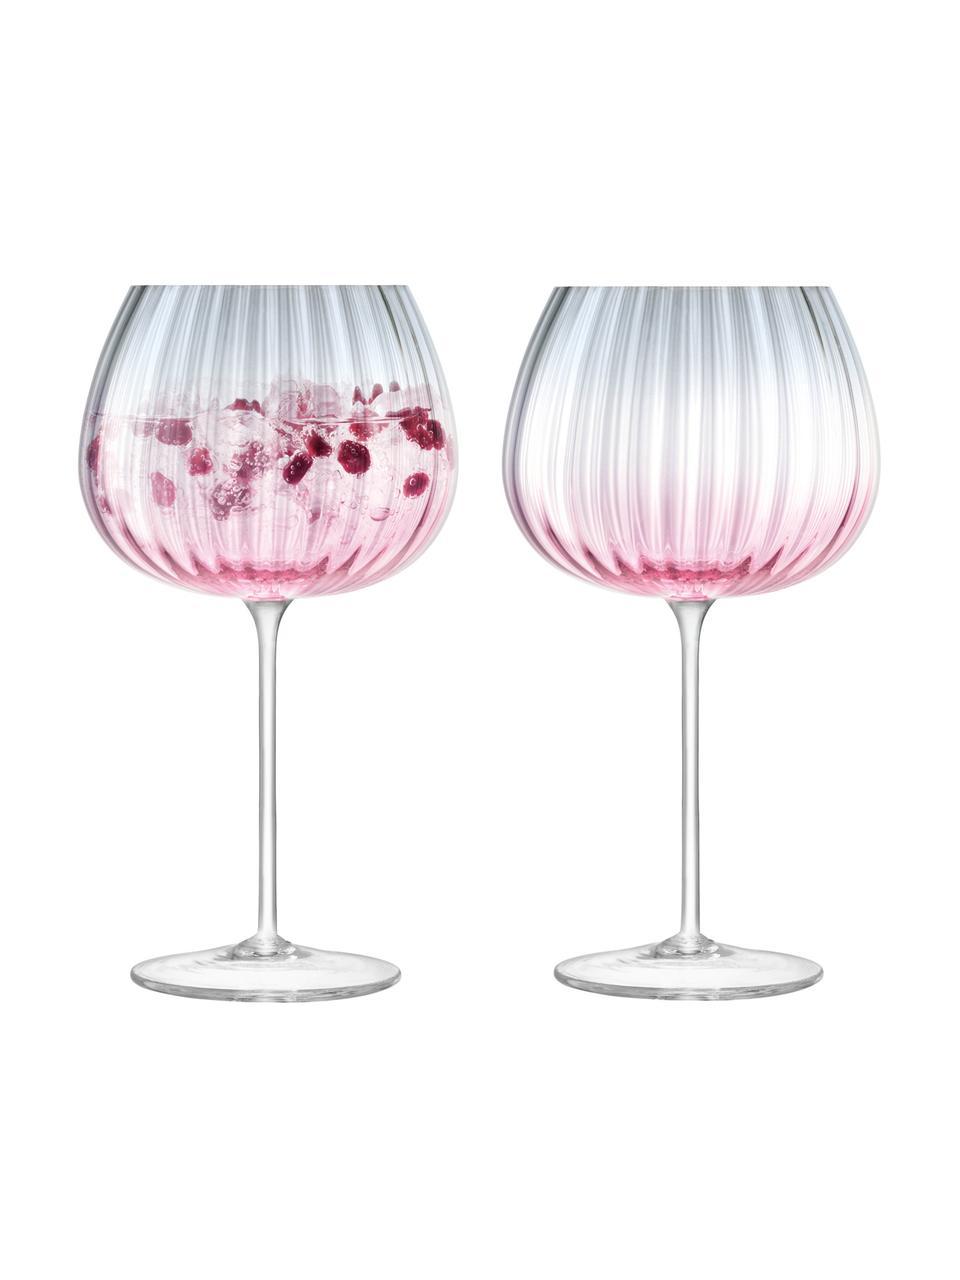 Handgemaakte wijnglazen Dusk met kleurverloop, 2 stuks, Glas, Roze, grijs, Ø 10 x H 20 cm